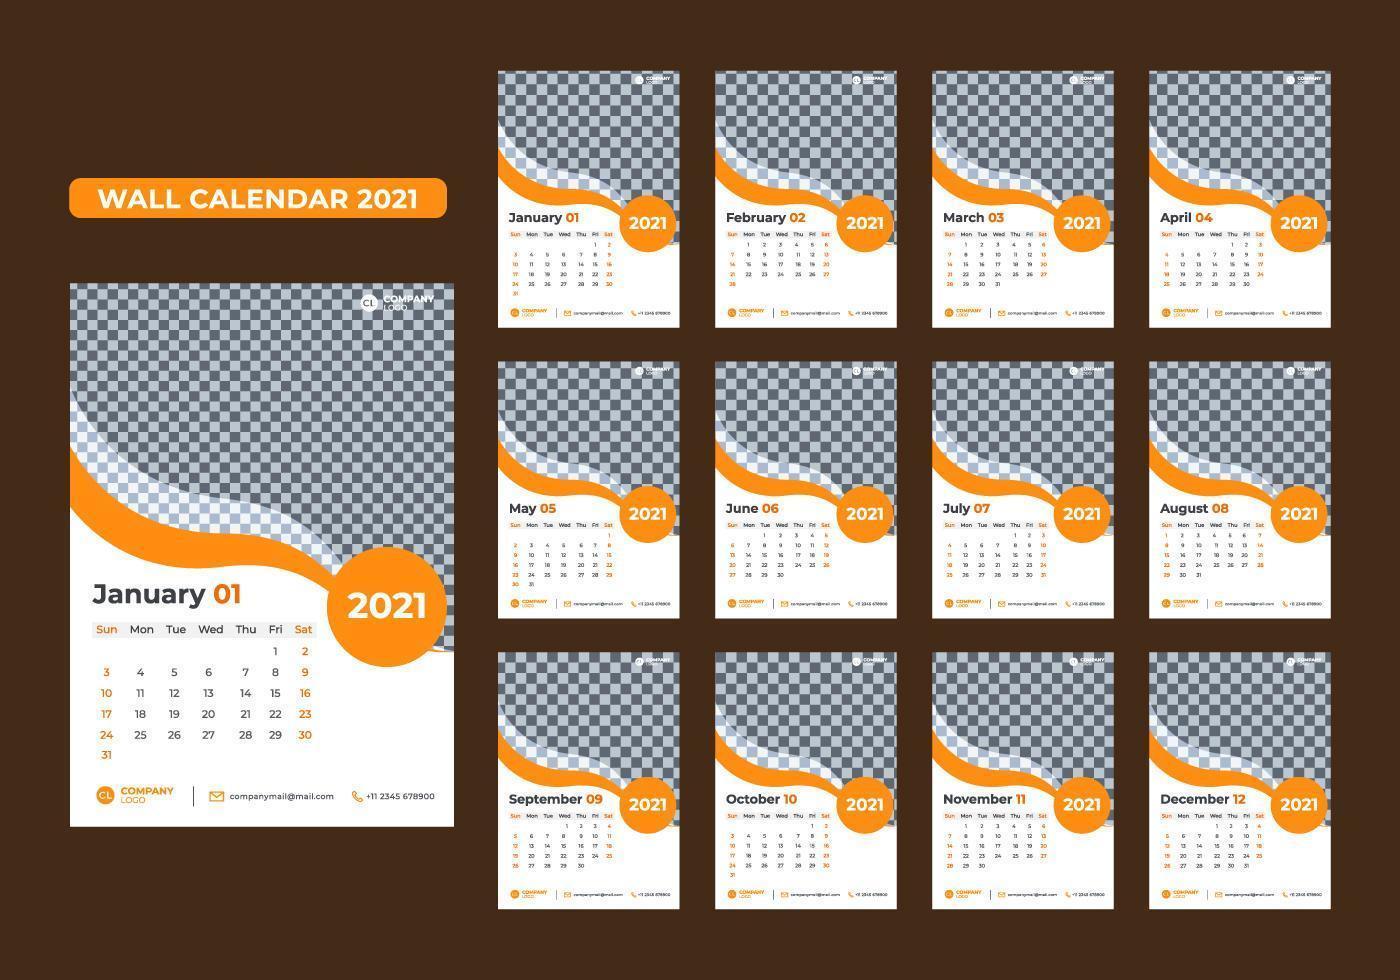 Satz von 12-Monats-Wandkalendervorlagen für 2021 vektor